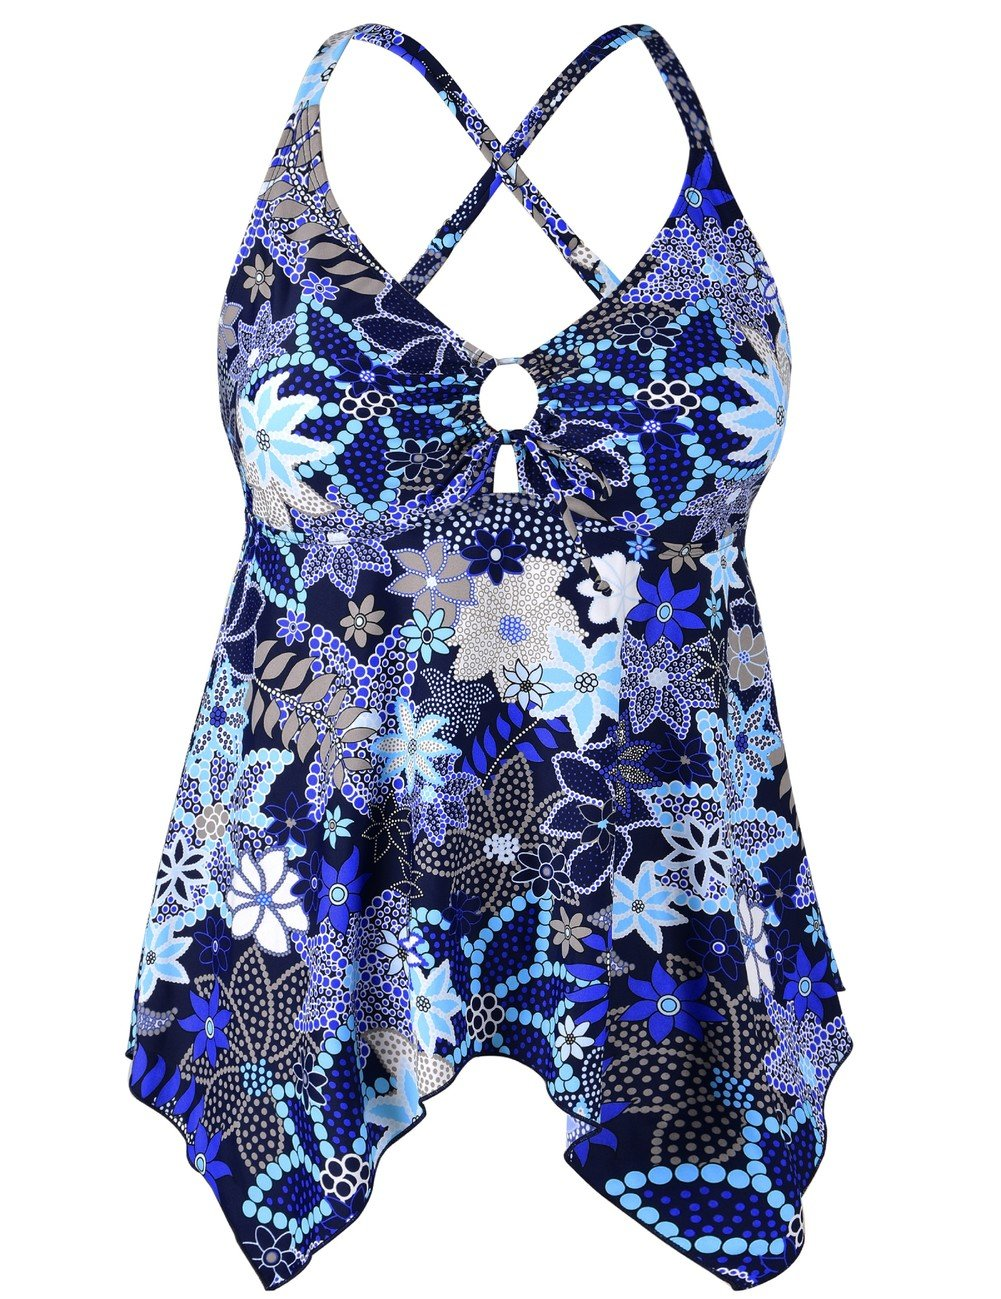 Mycoco Women's Tummy Control Front Tie Swim Top Cross Back Tankini Top Flowy Swimdress Blue Floral 20